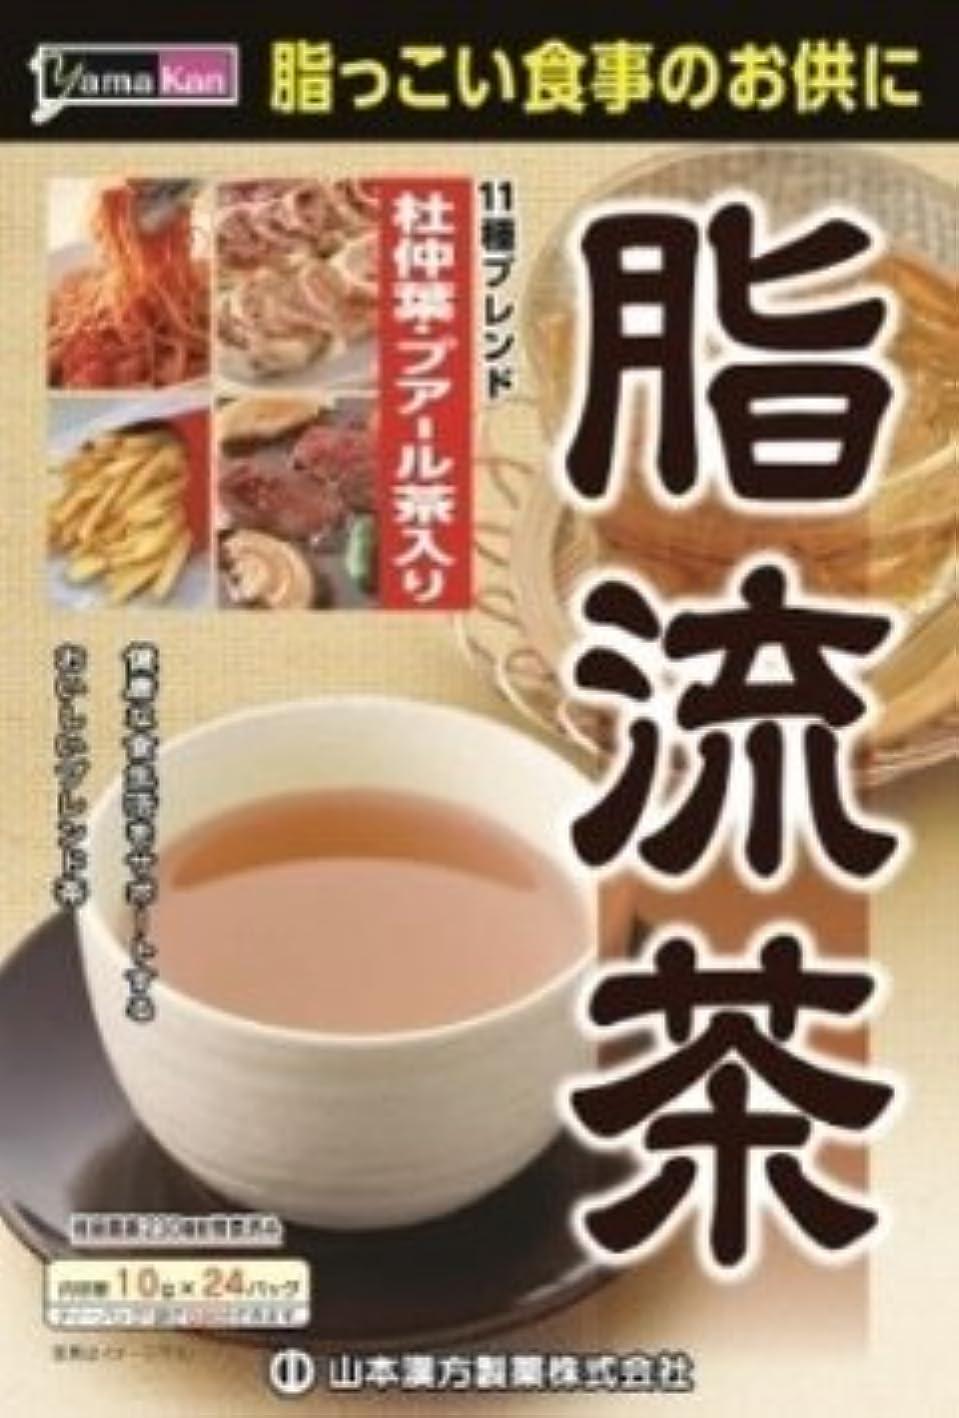 火誤解真向こう【10個セット】山本漢方製薬 脂流茶 10gX24H ×10個セット